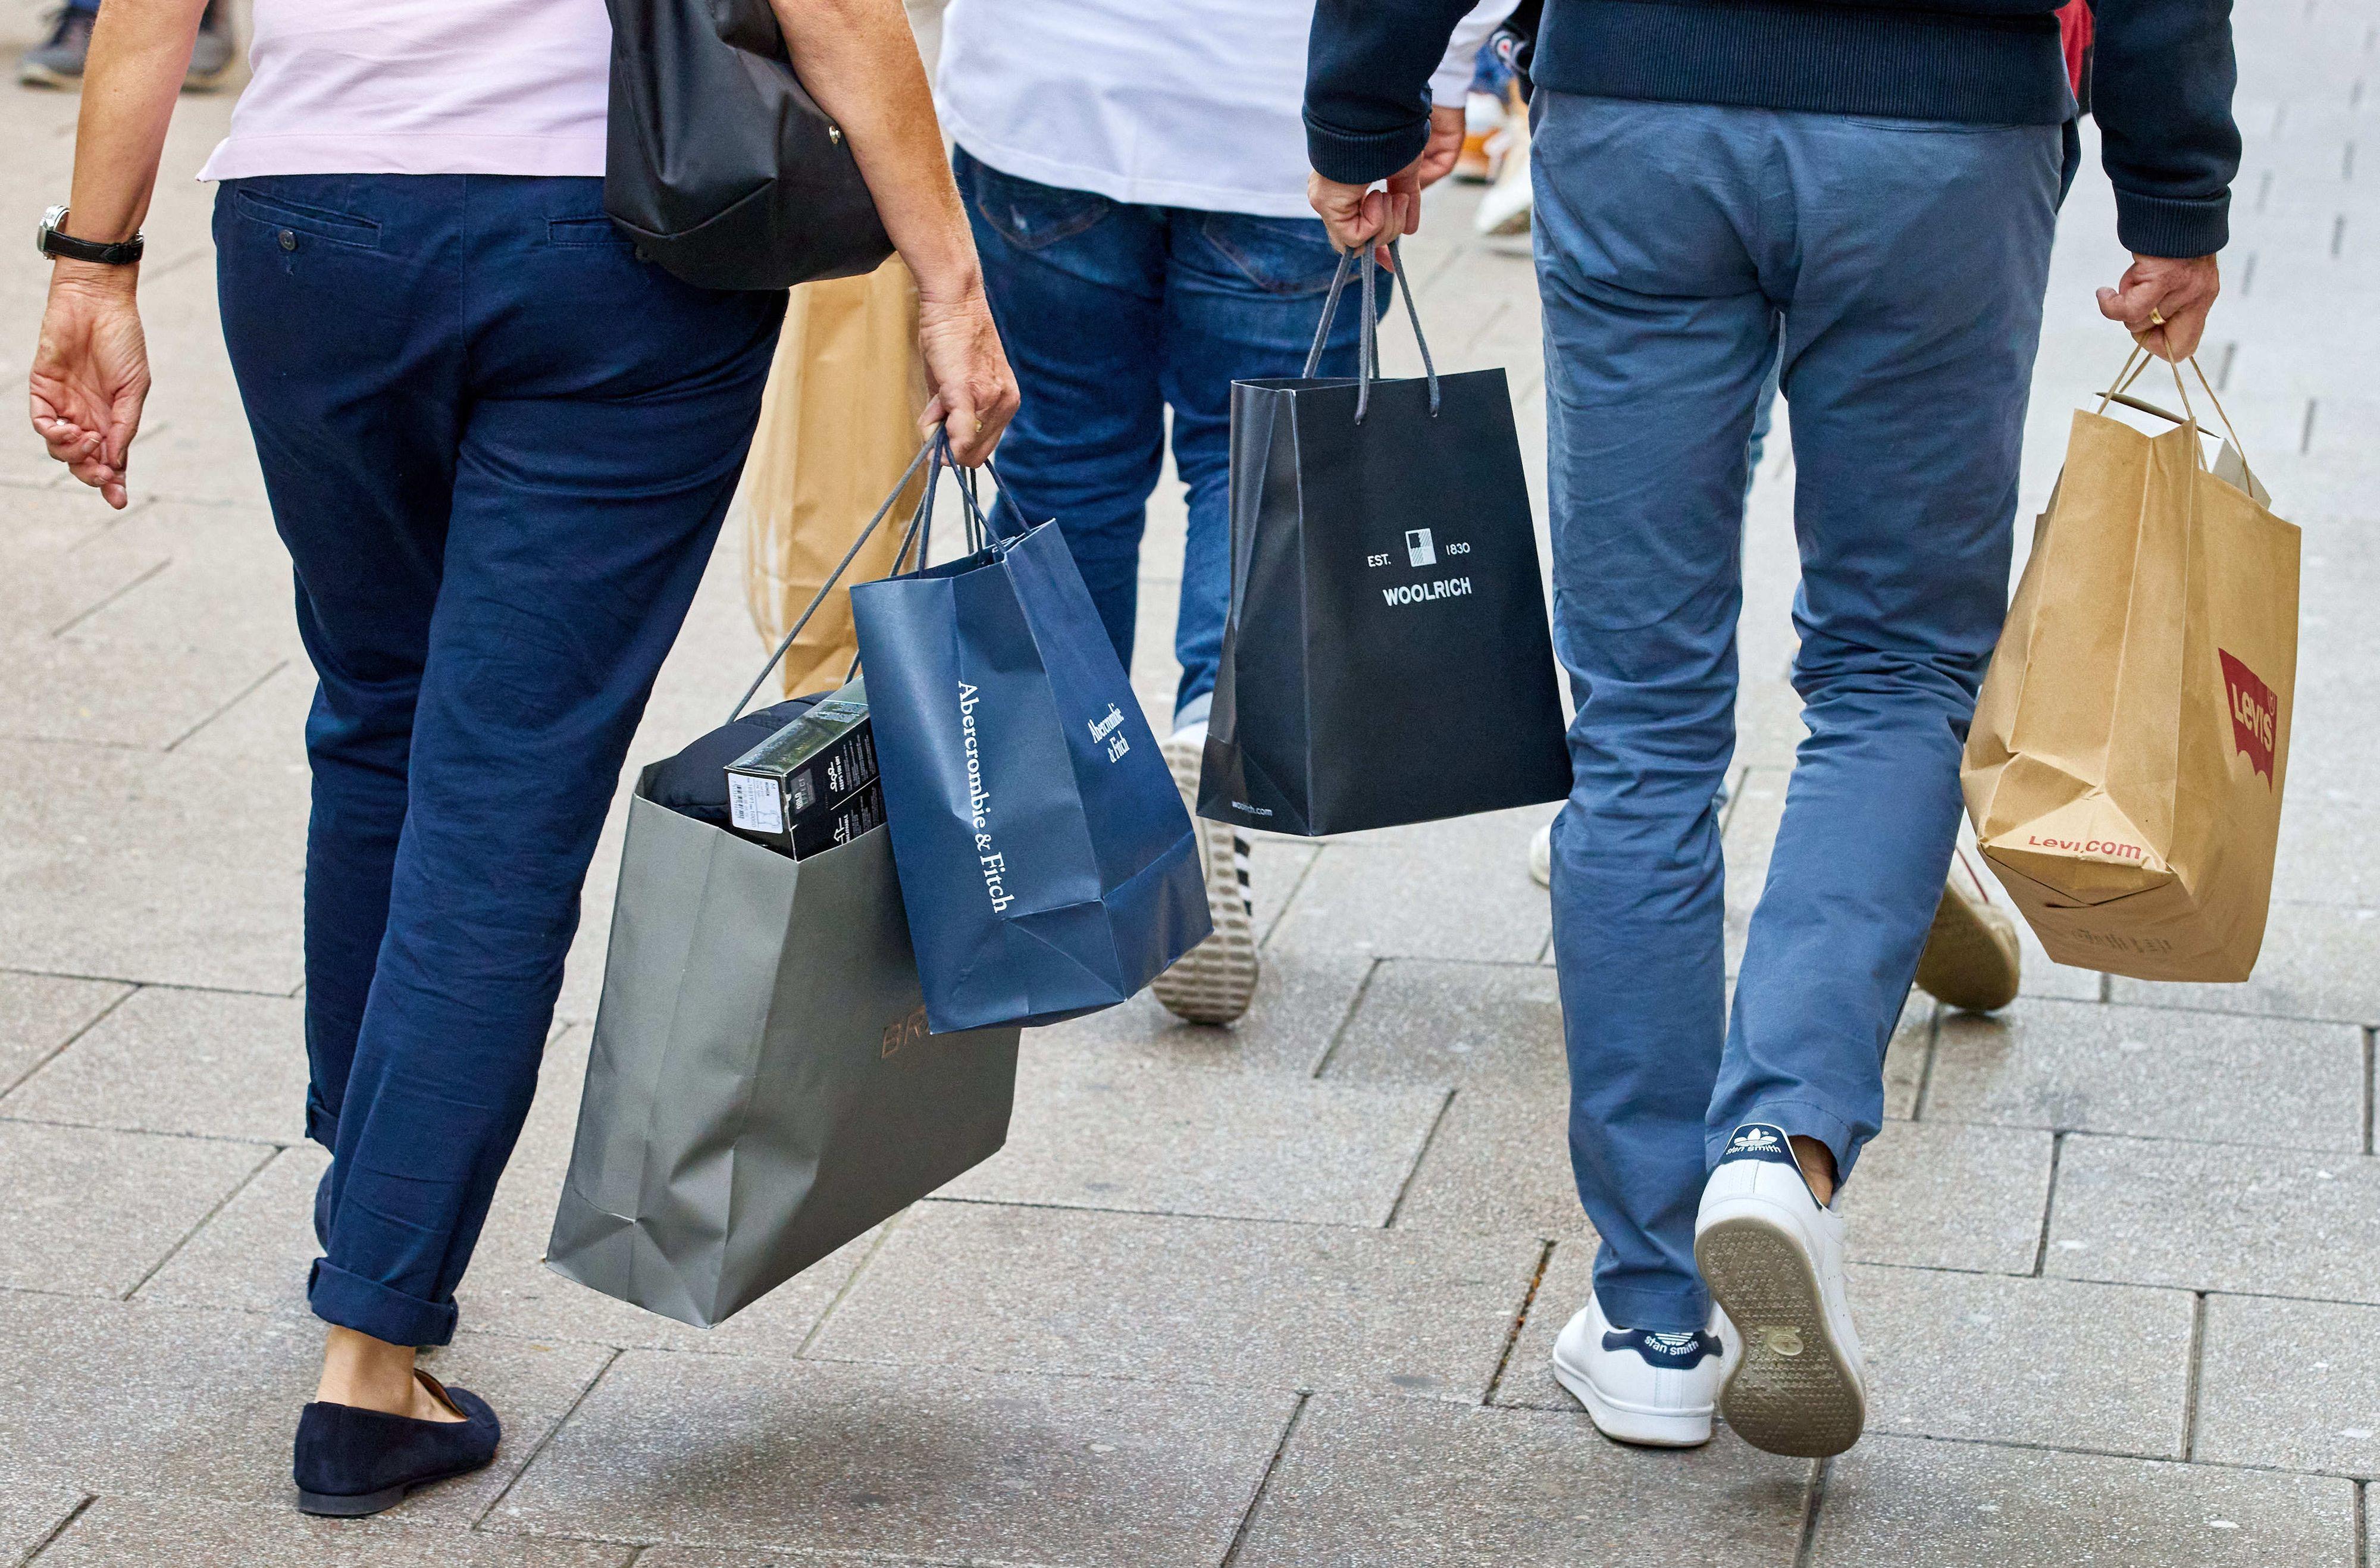 Der stationäre Einzelhandel in der Region bleibt skeptisch: Vor allem das Weihnachtsgeschäft wird mit Sorge betrachtet. Foto: dpa / Wendt